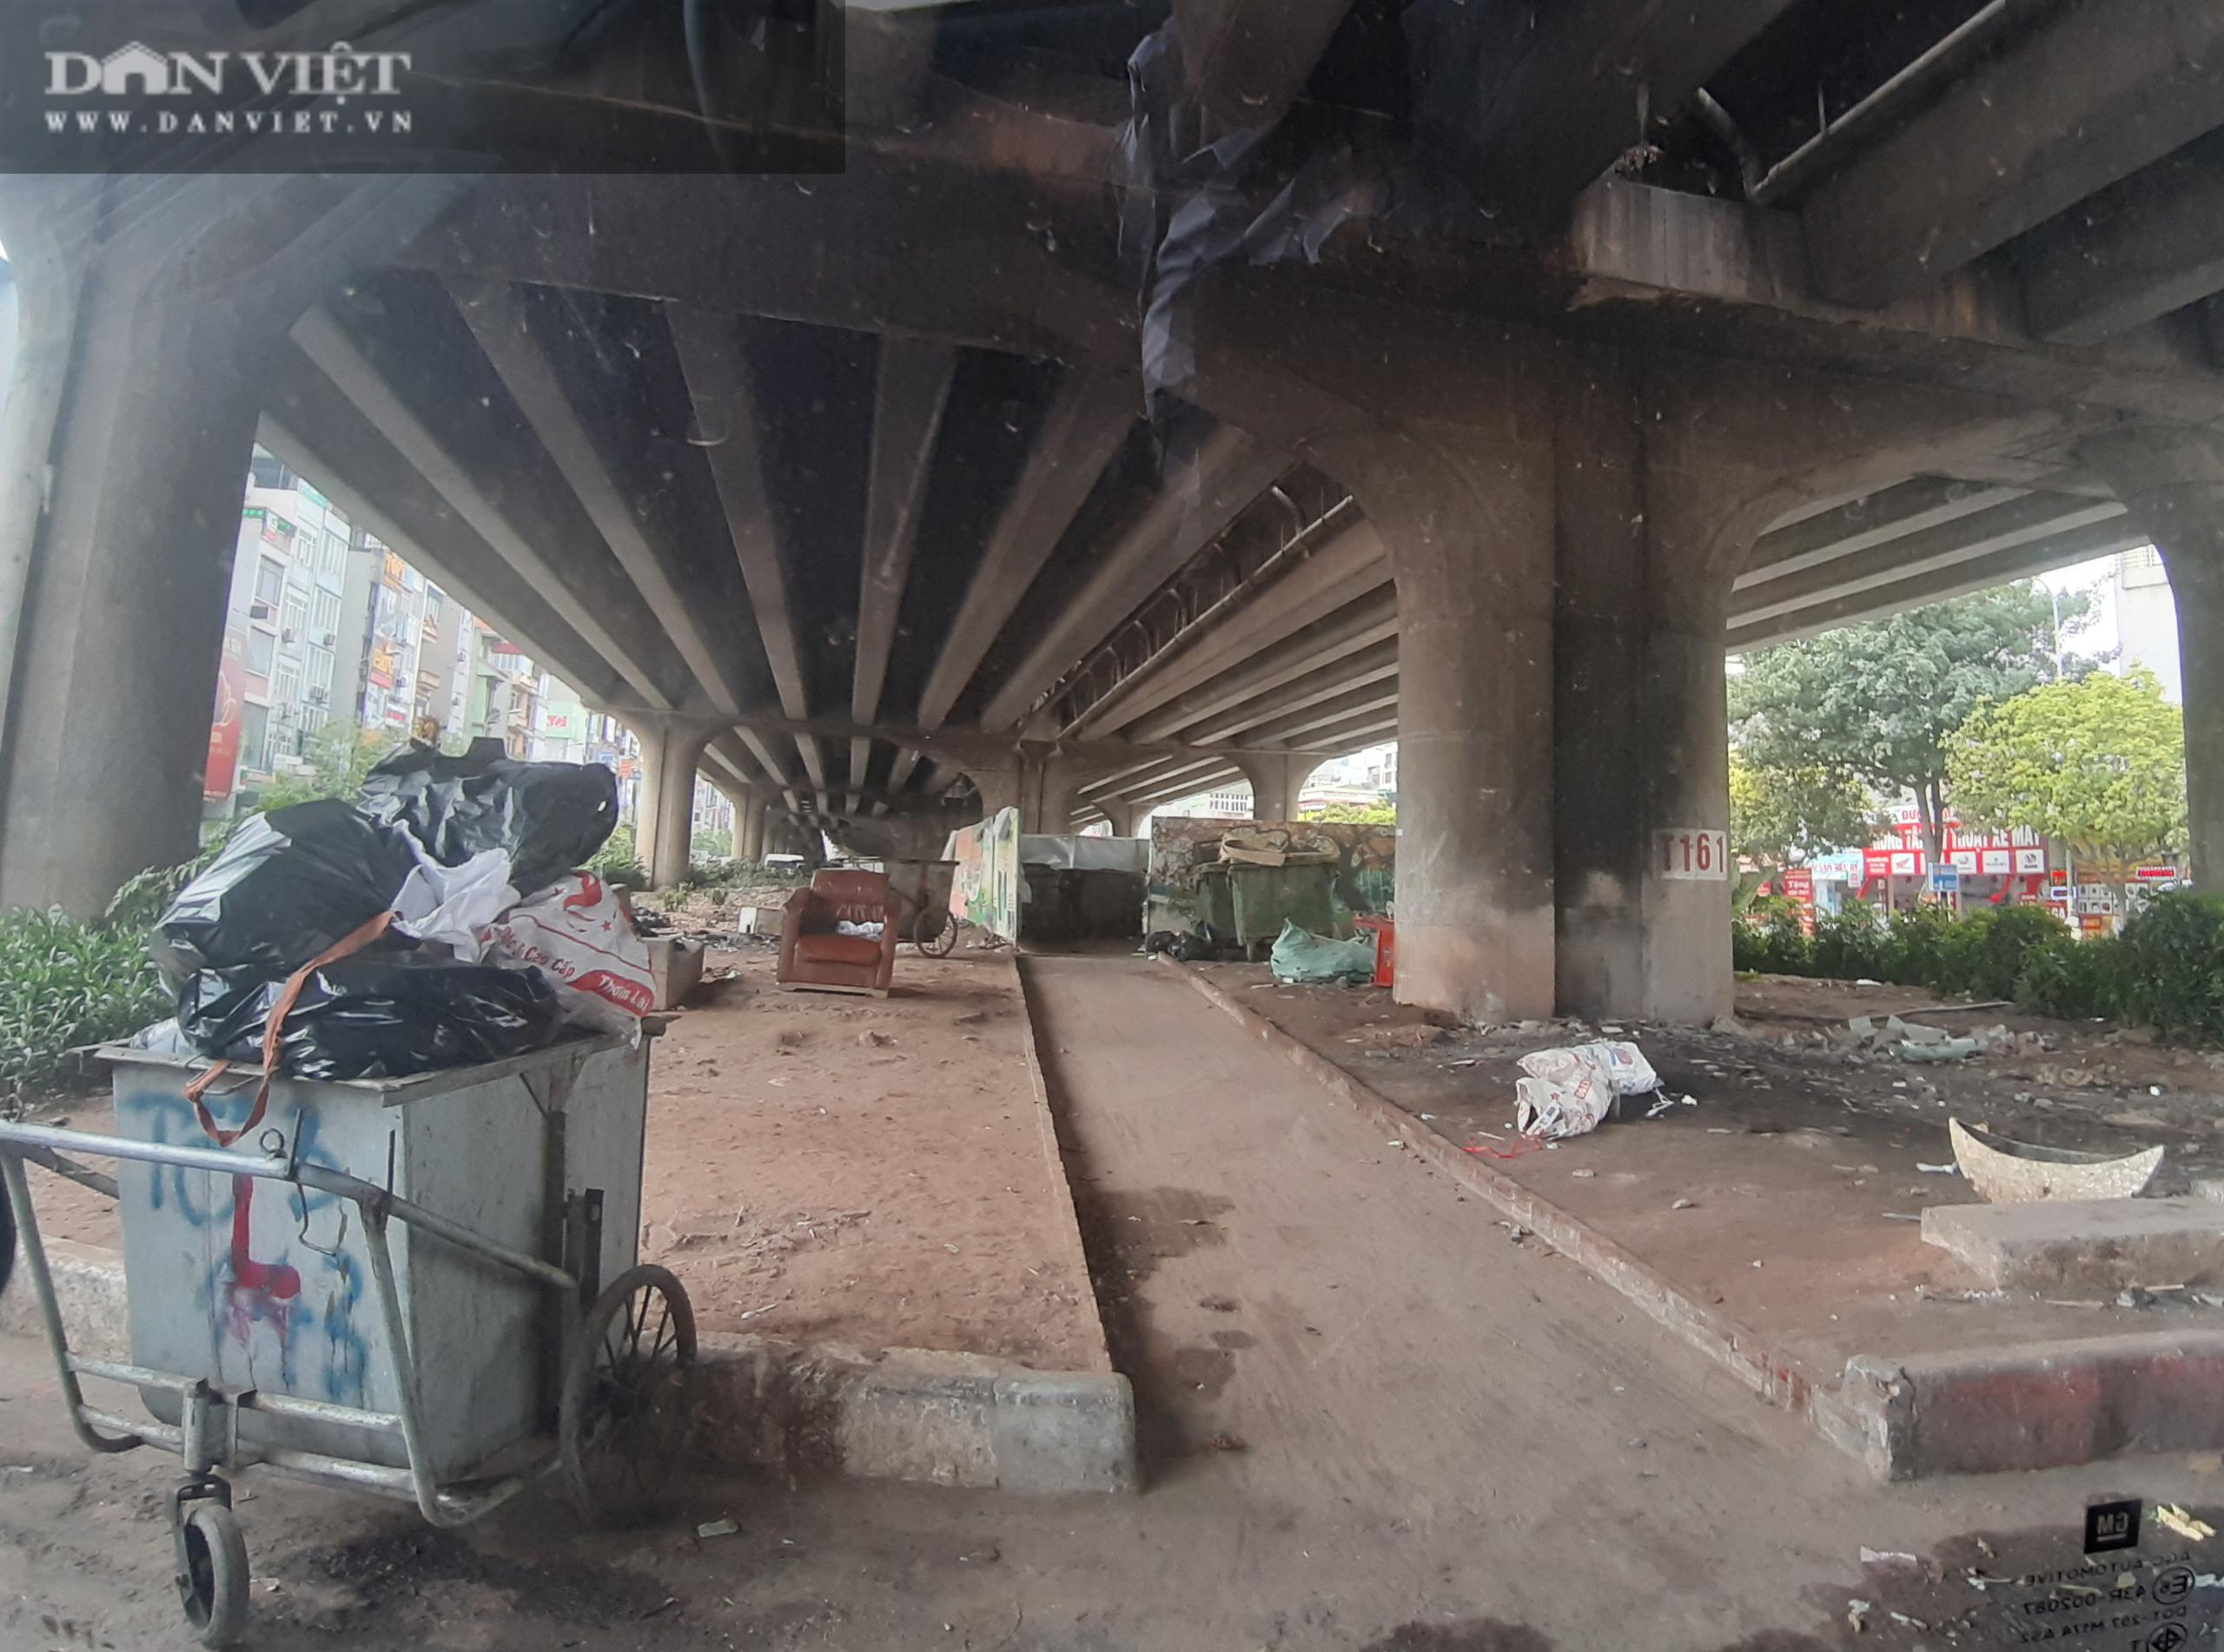 Bài 2: Tràn lan hình ảnh gây ô nhiễm của các công ty bảo vệ môi trường giữa thủ đô - Ảnh 17.